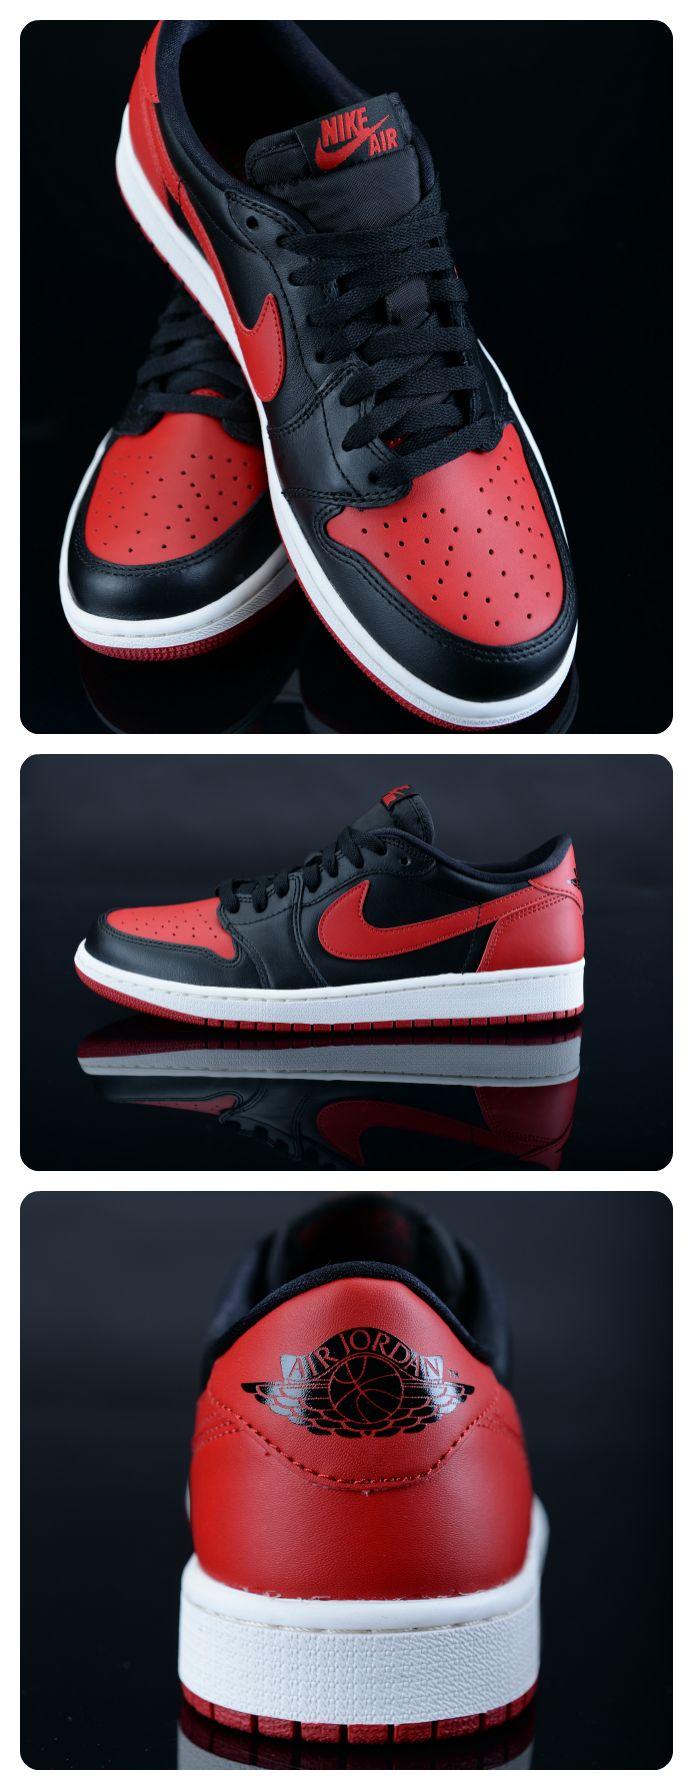 Air Jordan 1 Low #MJ